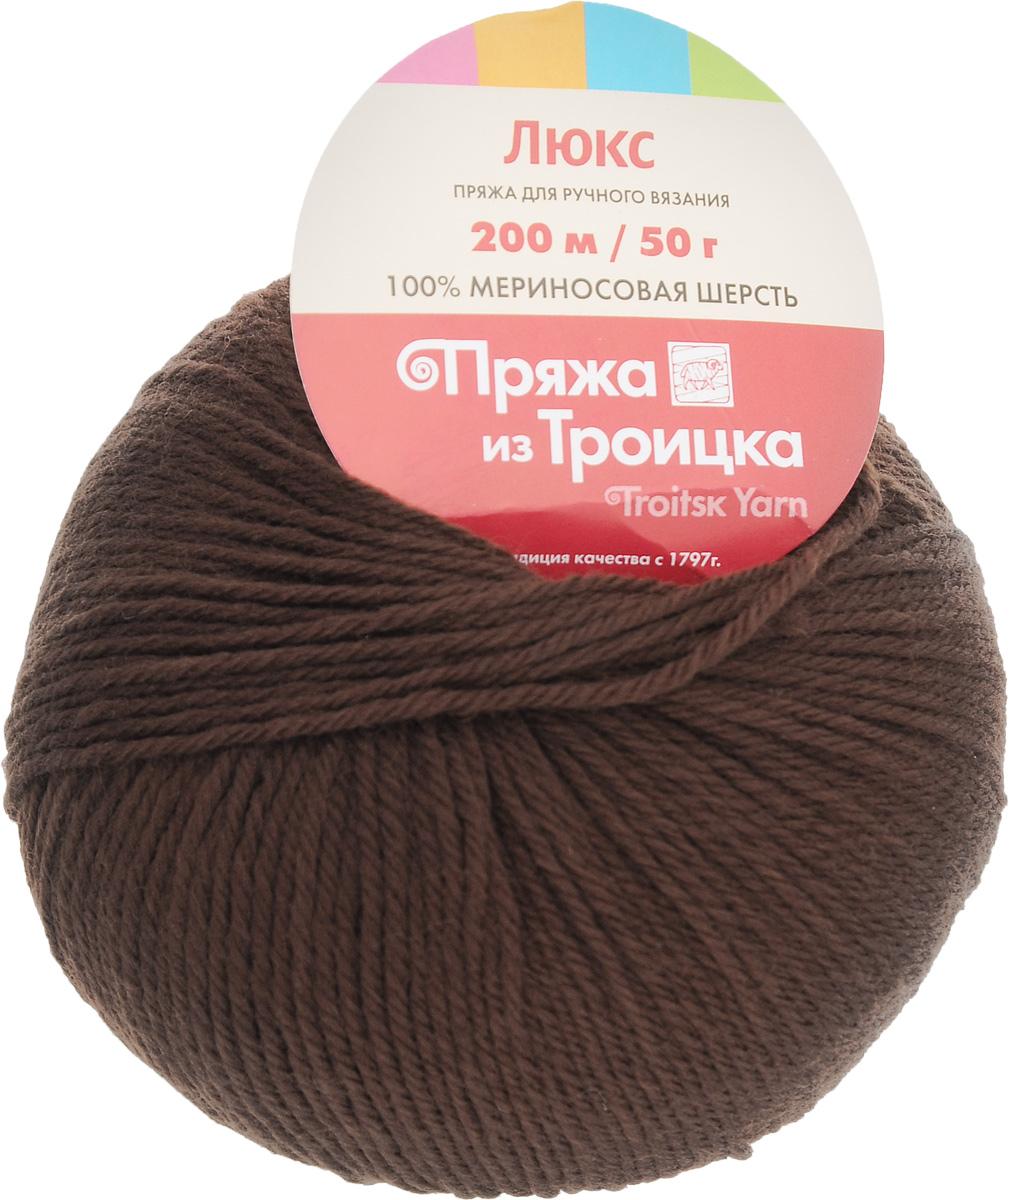 Пряжа для вязания Люкс, цвет: шоколад (0412), 200 м, 50 г, 10 шт366072_0412Пряжа для вязания Люкс изготовлена из плотно скрученных нитей мериносовой шерсти. Изделия из этой пряжи не линяют и сохраняют после стирки не только цвет, но и форму. Пряжа идеально подходит для вязания шарфов, шапок, варежек, пуловеров, шалей. С такой пряжей процесс вязания превратится в настоящее удовольствие, а готовое изделие подарит уют и комфорт. Состав: мериносовая шерсть 100%. Рекомендуемые спицы: 2,25 мм.